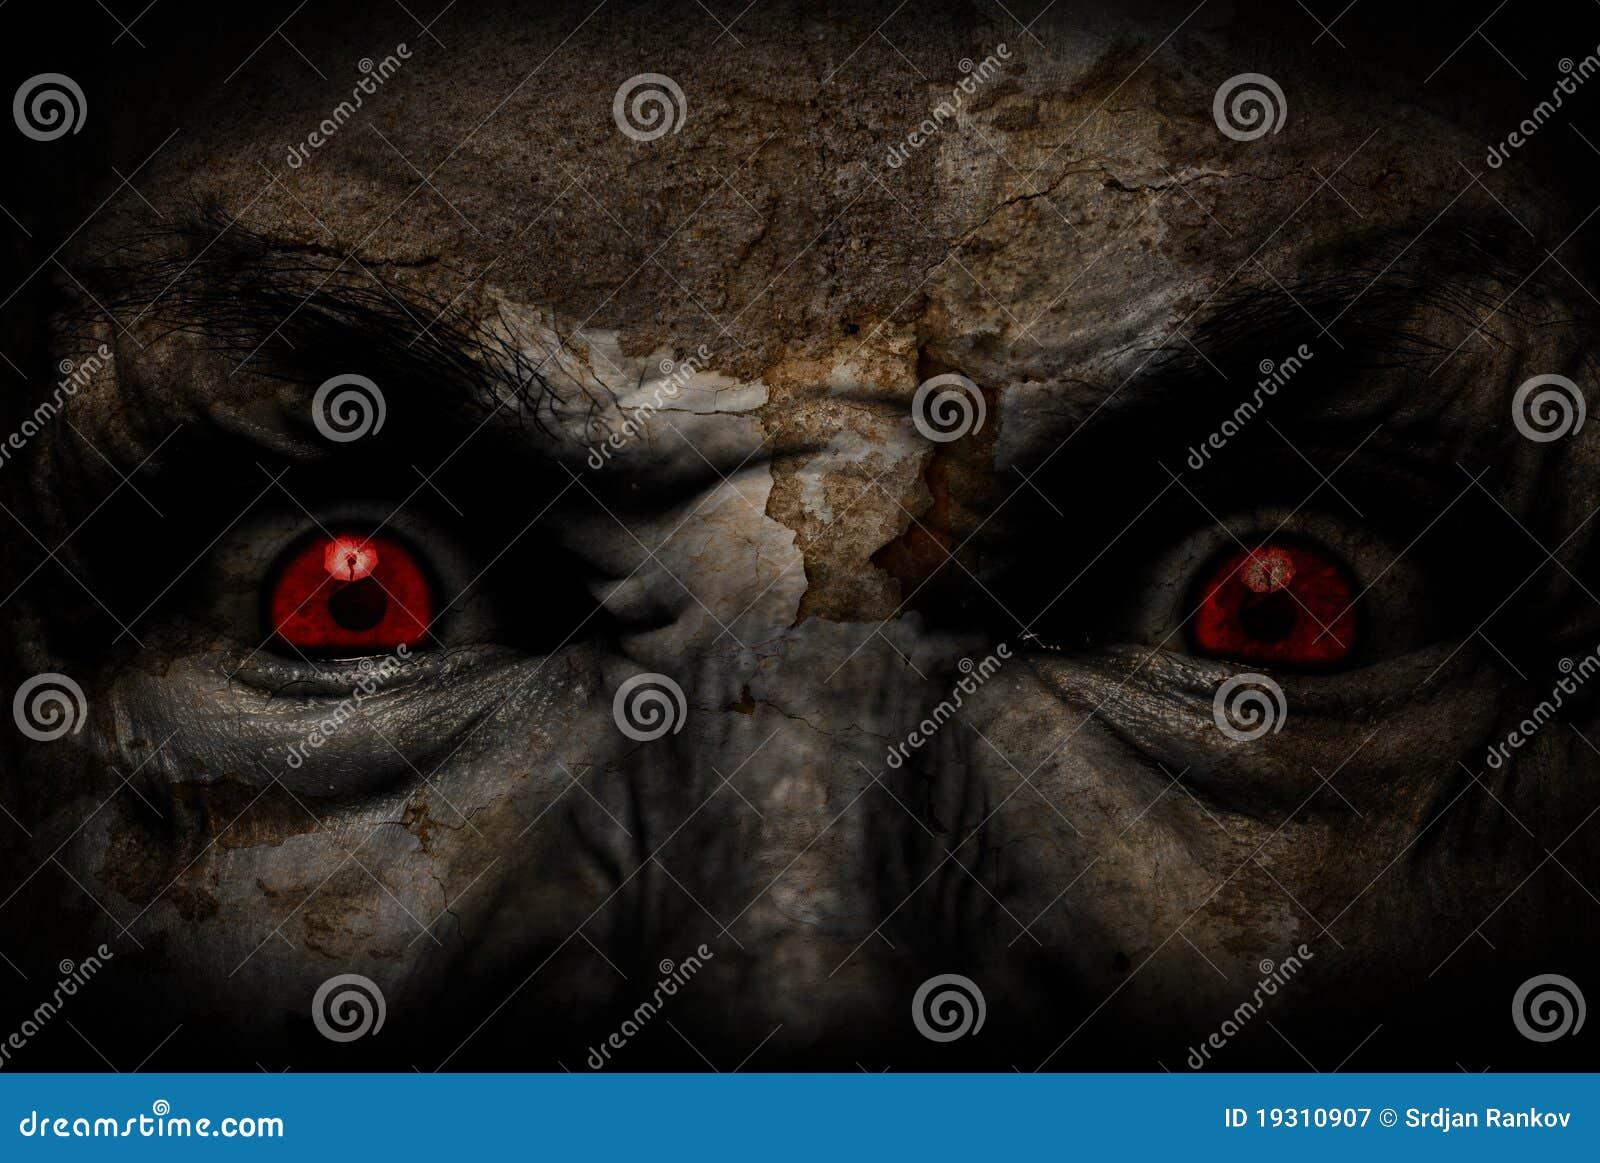 Duivels lelijk gezicht die u bekijken